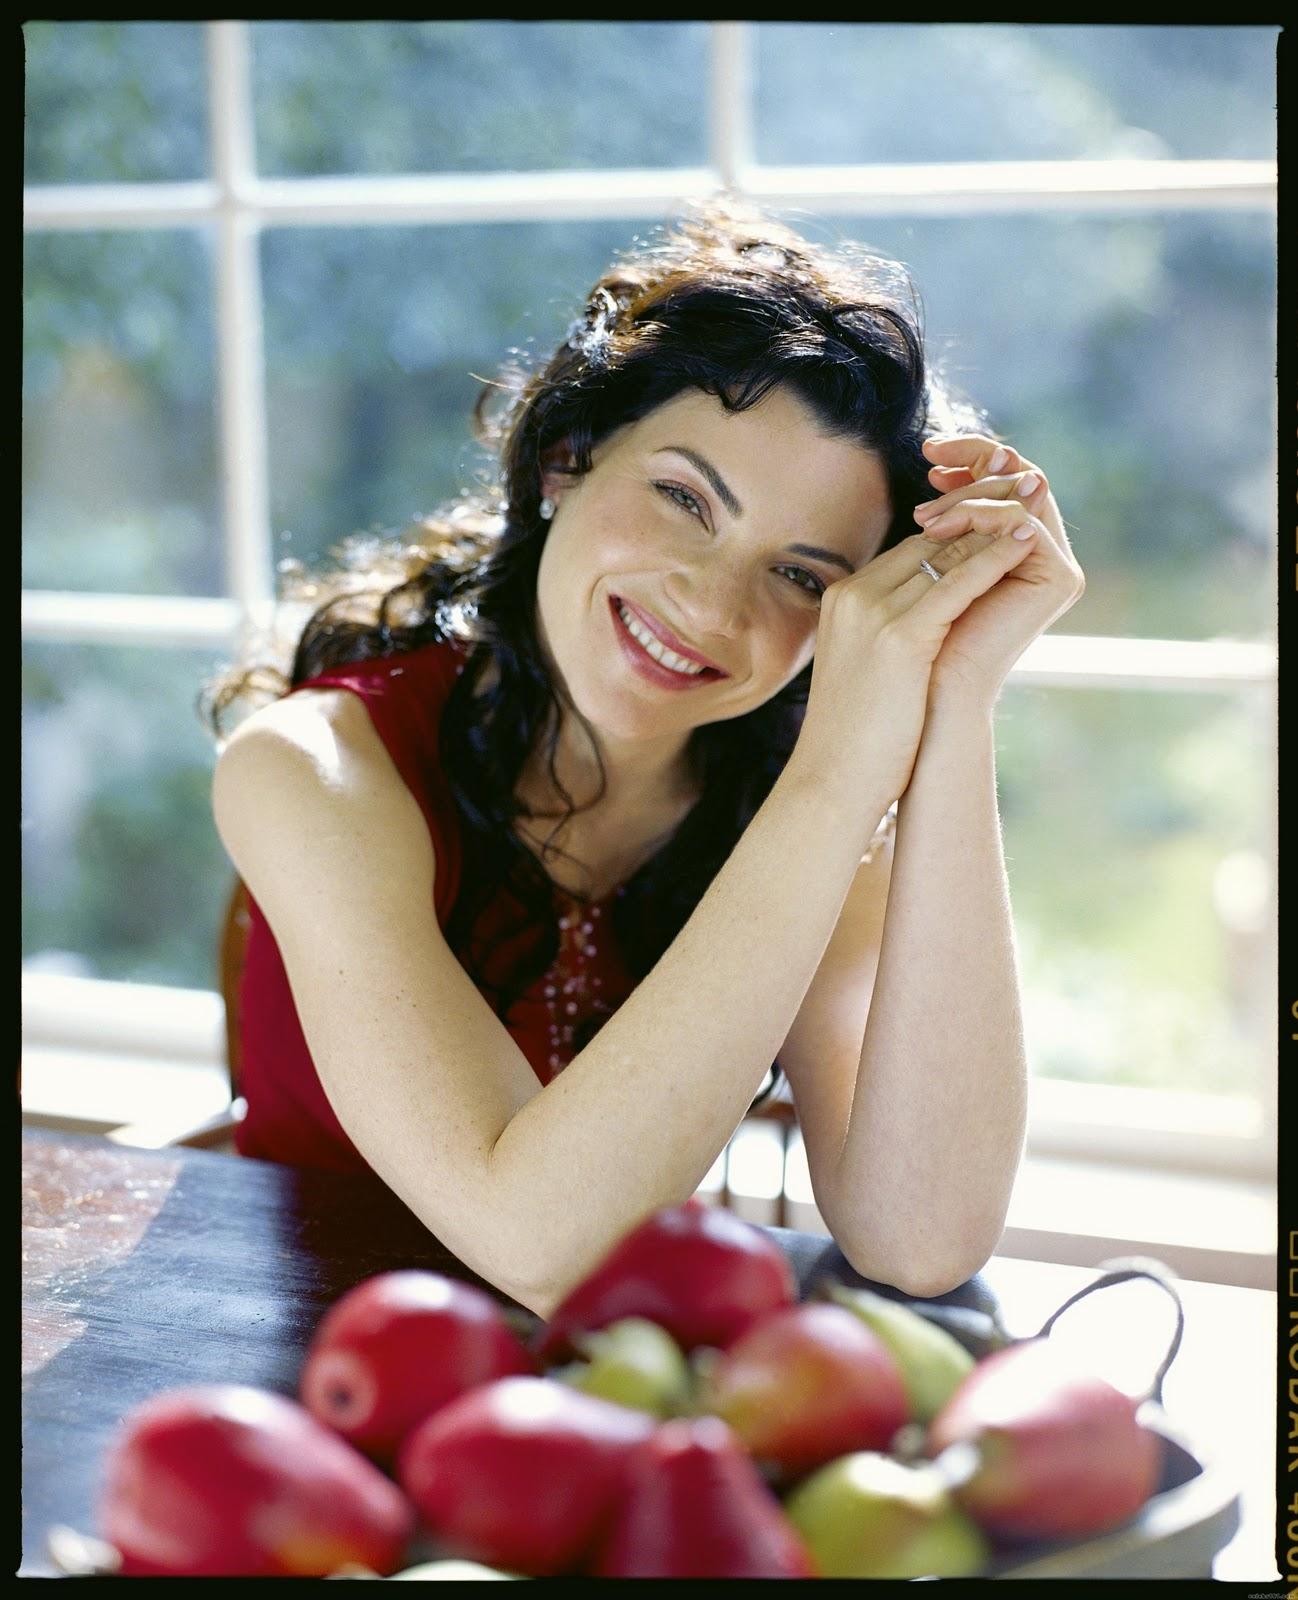 http://3.bp.blogspot.com/_VSTMcSdB3rA/TSKBi1LPWlI/AAAAAAAAA4A/FgWJNlgs0R4/s1600/10856_Julianna_Margulies_04_122_363lo.jpg